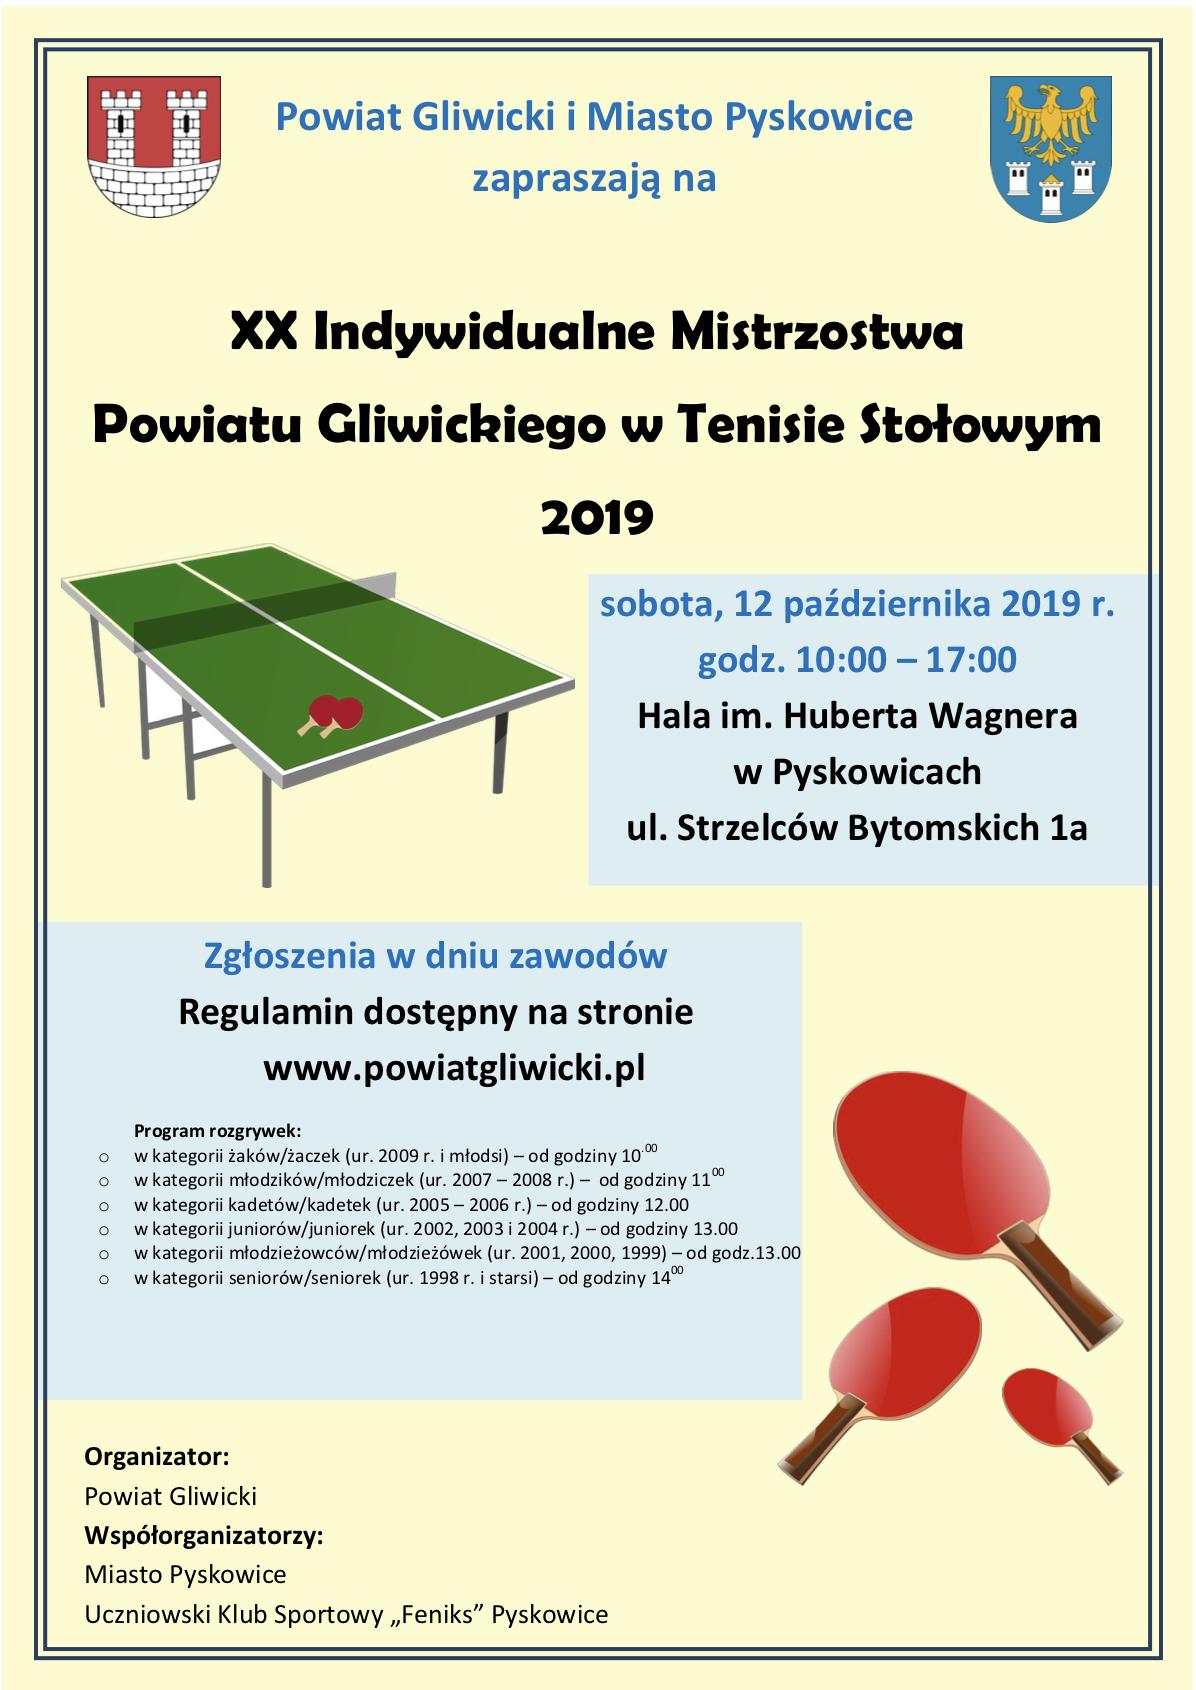 XX Indywidualne Mistrzostwa Powiatu Gliwickiego w Tenisie Stołowym